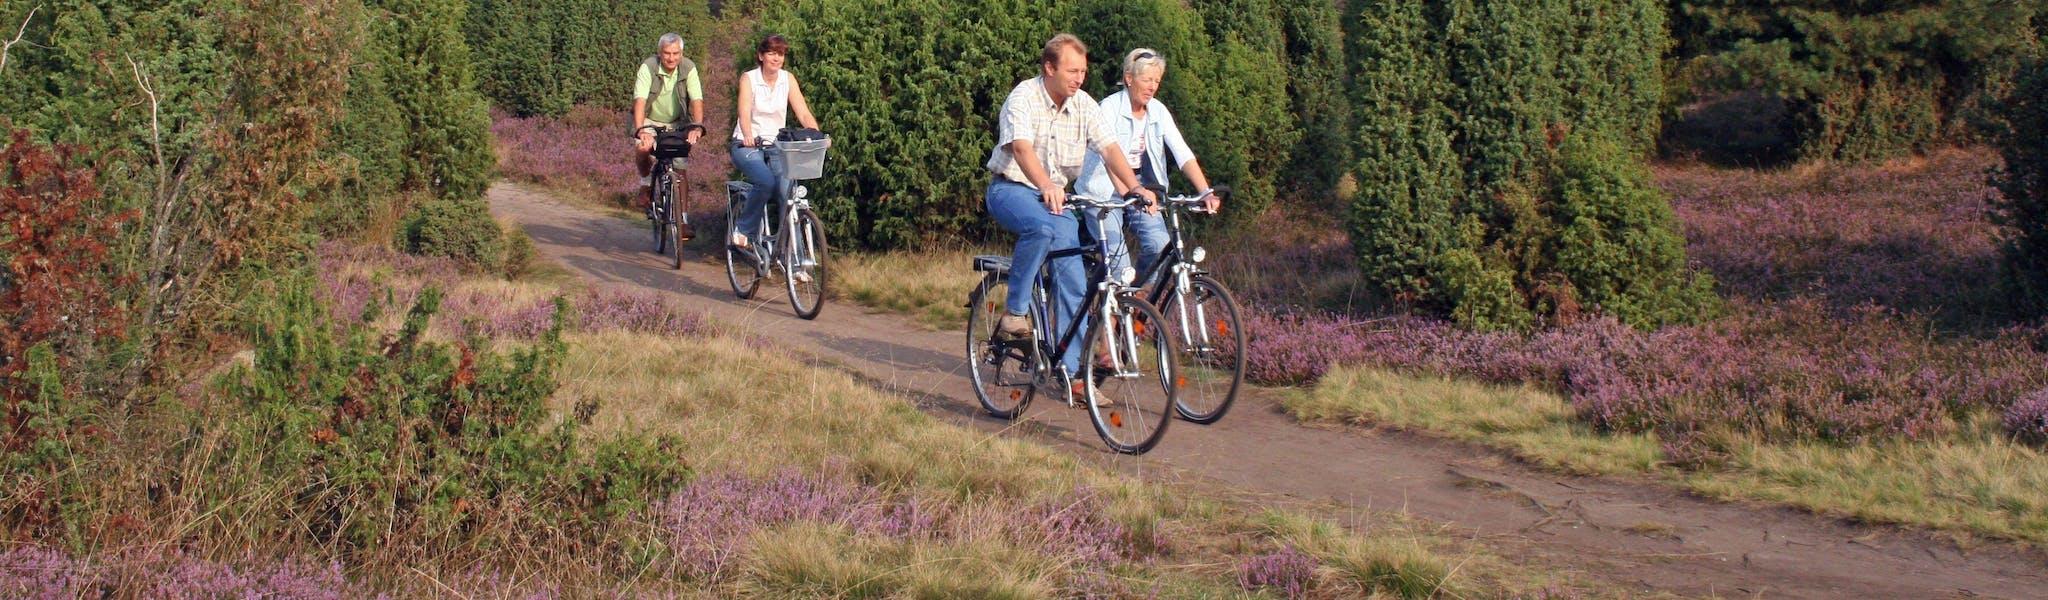 5-daagse fietsvakantie Luneburger Heide